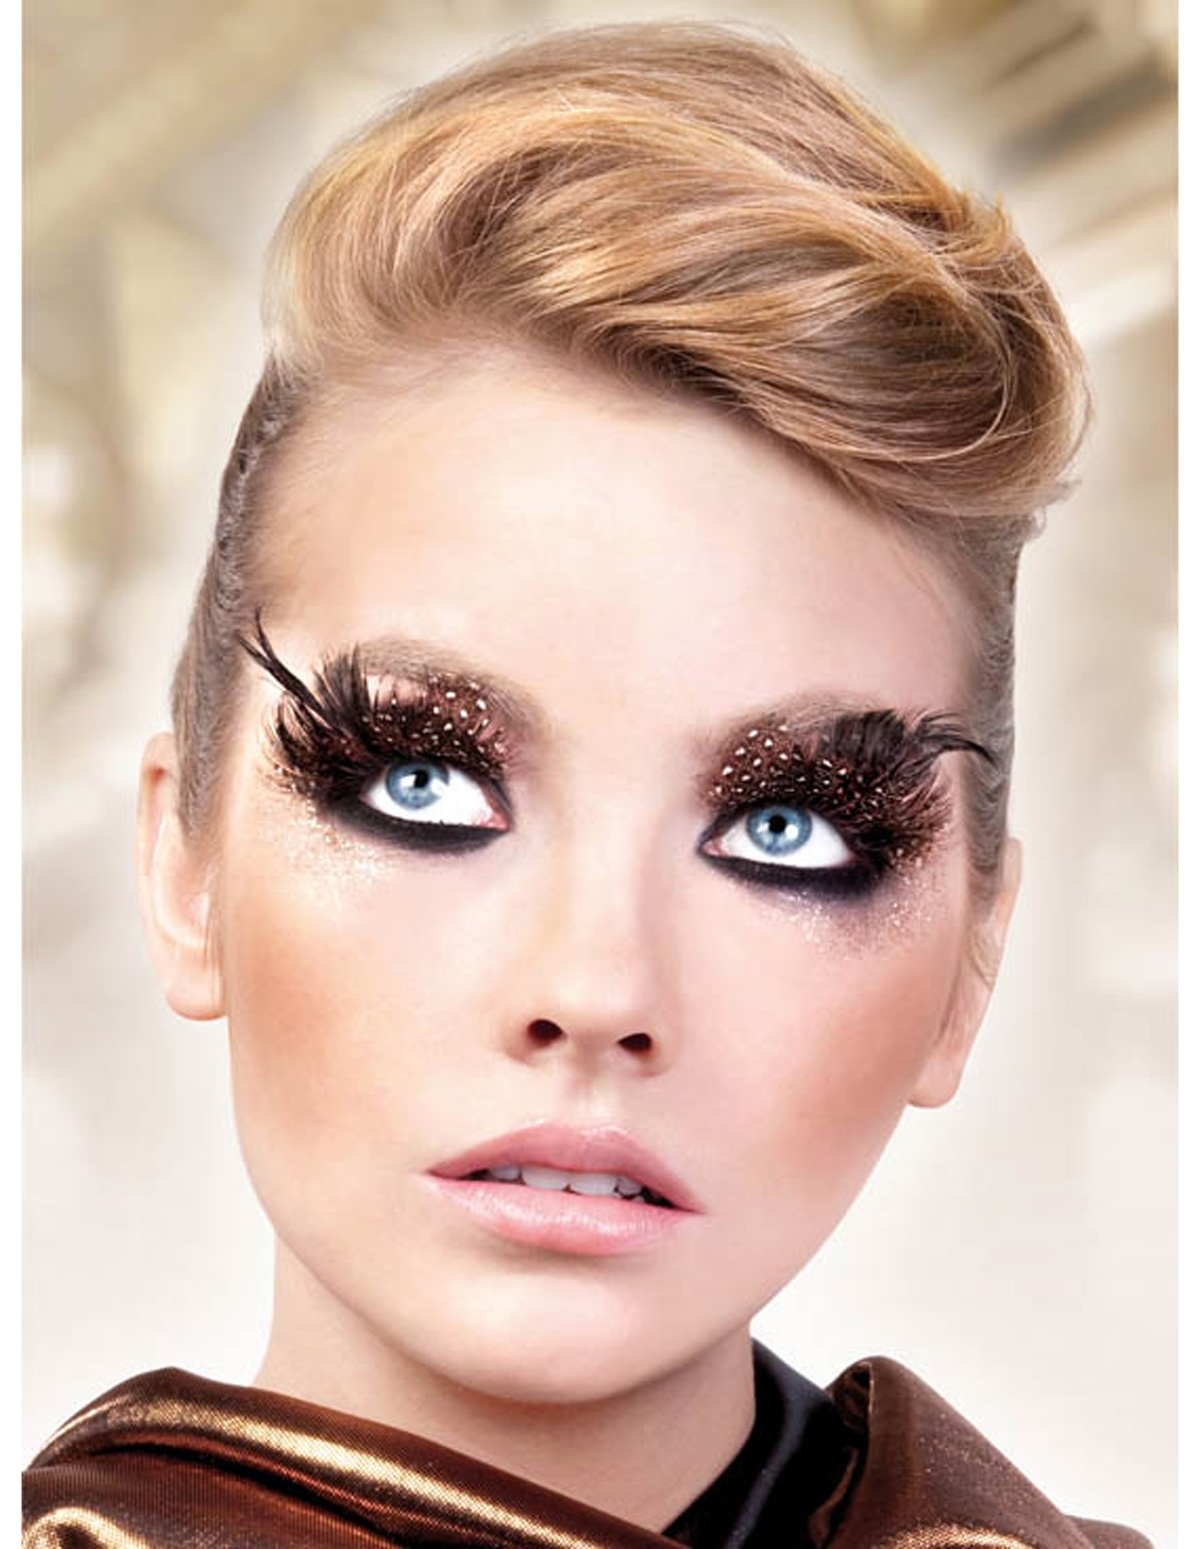 Nina Eyelashes